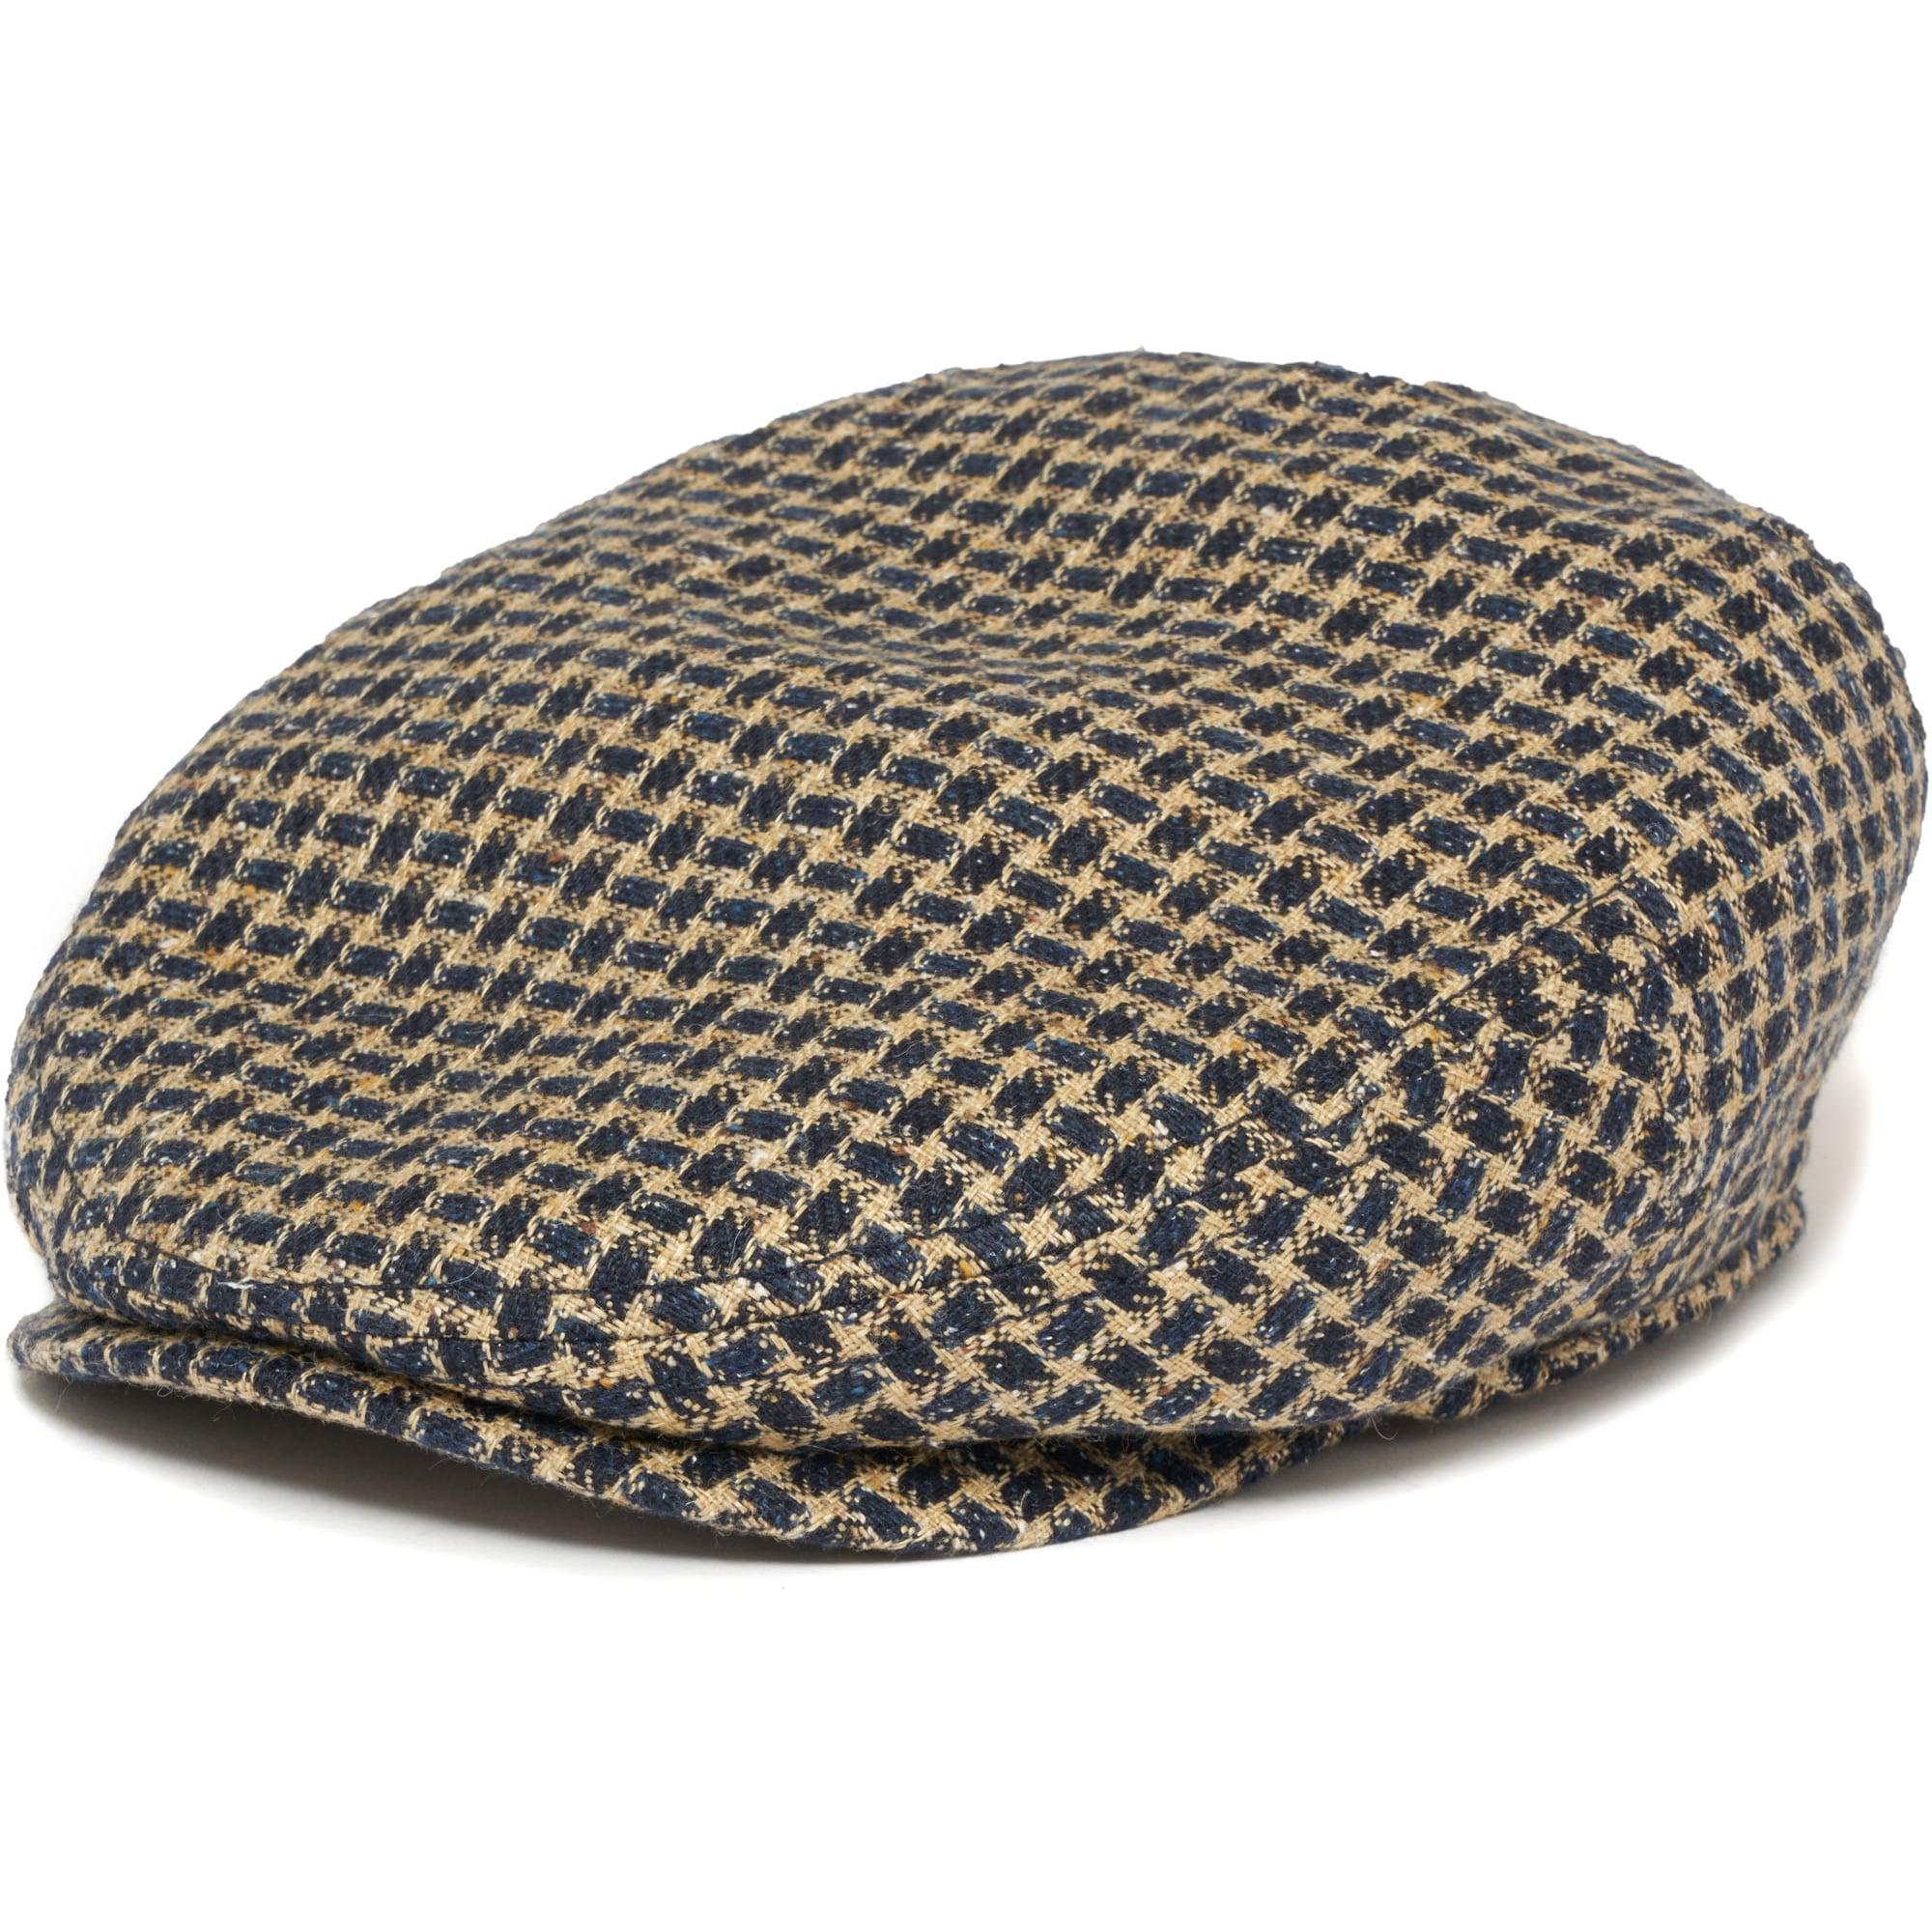 cc4030a2a20 Stetson Houndstooth Linen Flat Cap 49877